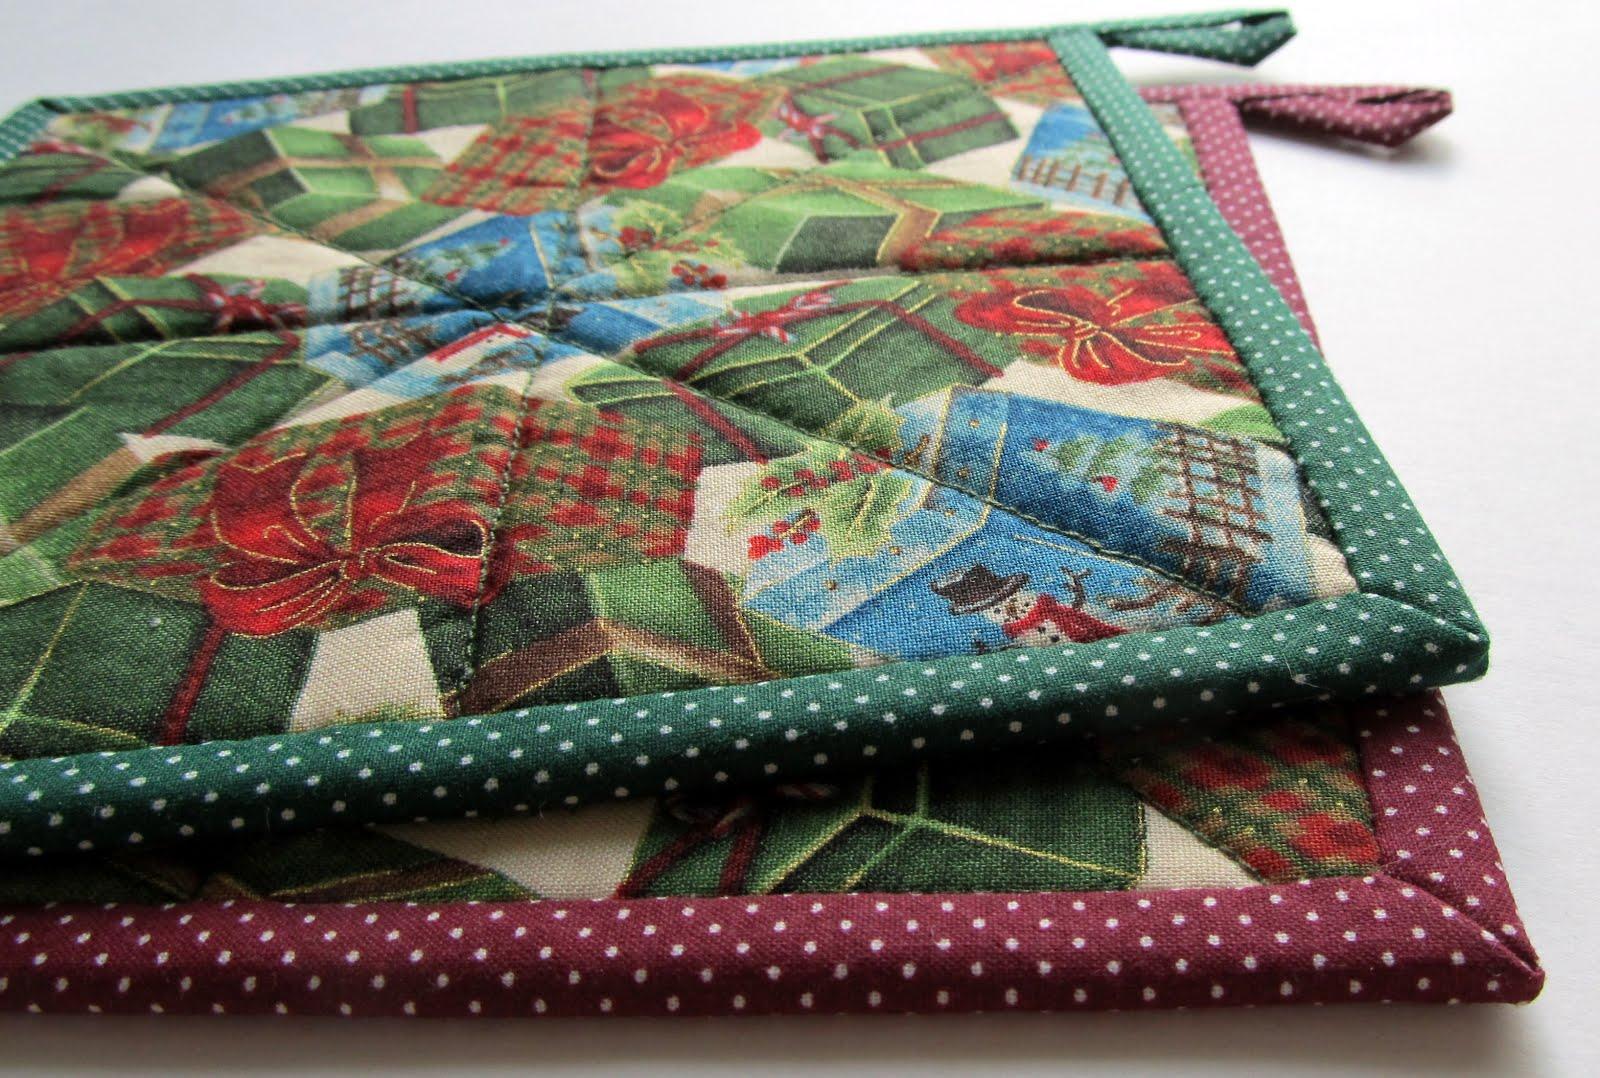 Лоскутное шитье для начинающих красиво и легко, фото, статьи, новинки